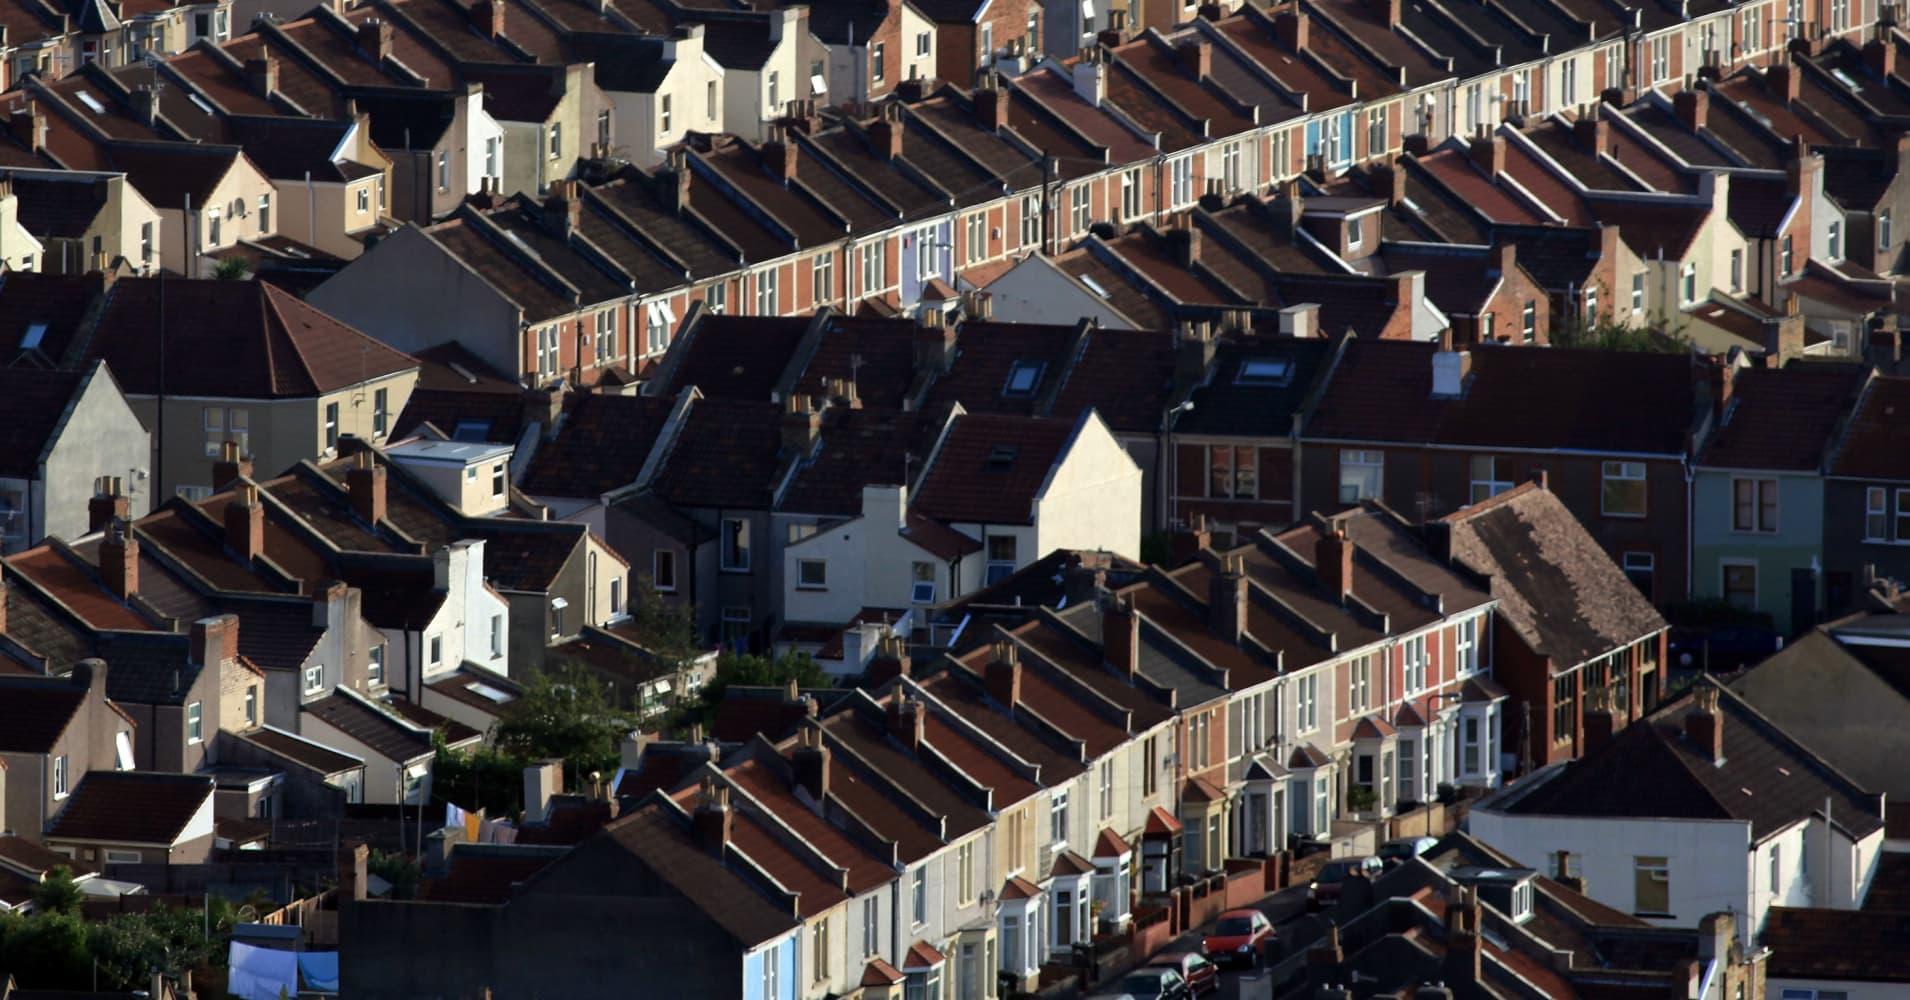 UK house sales outlook weakest in 20 years as Brexit nears